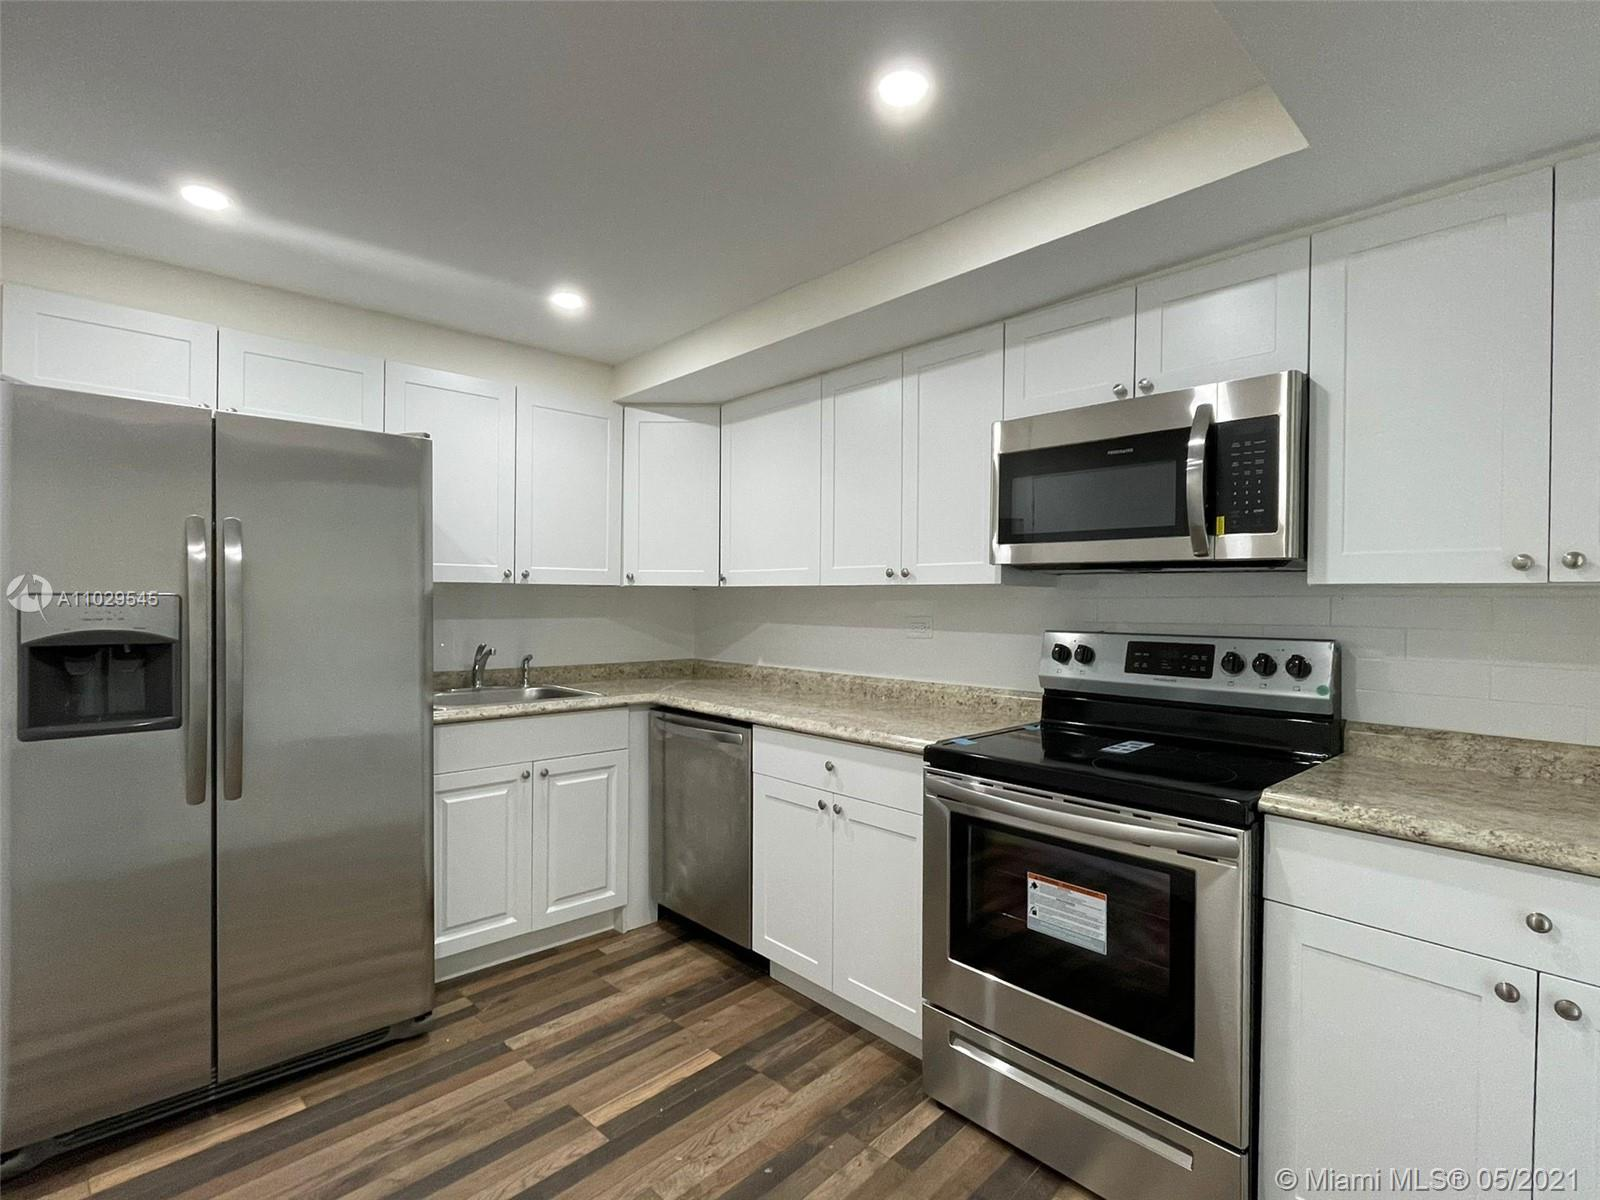 Maison Grande #1036 - 6039 Collins Ave #1036, Miami Beach, FL 33140